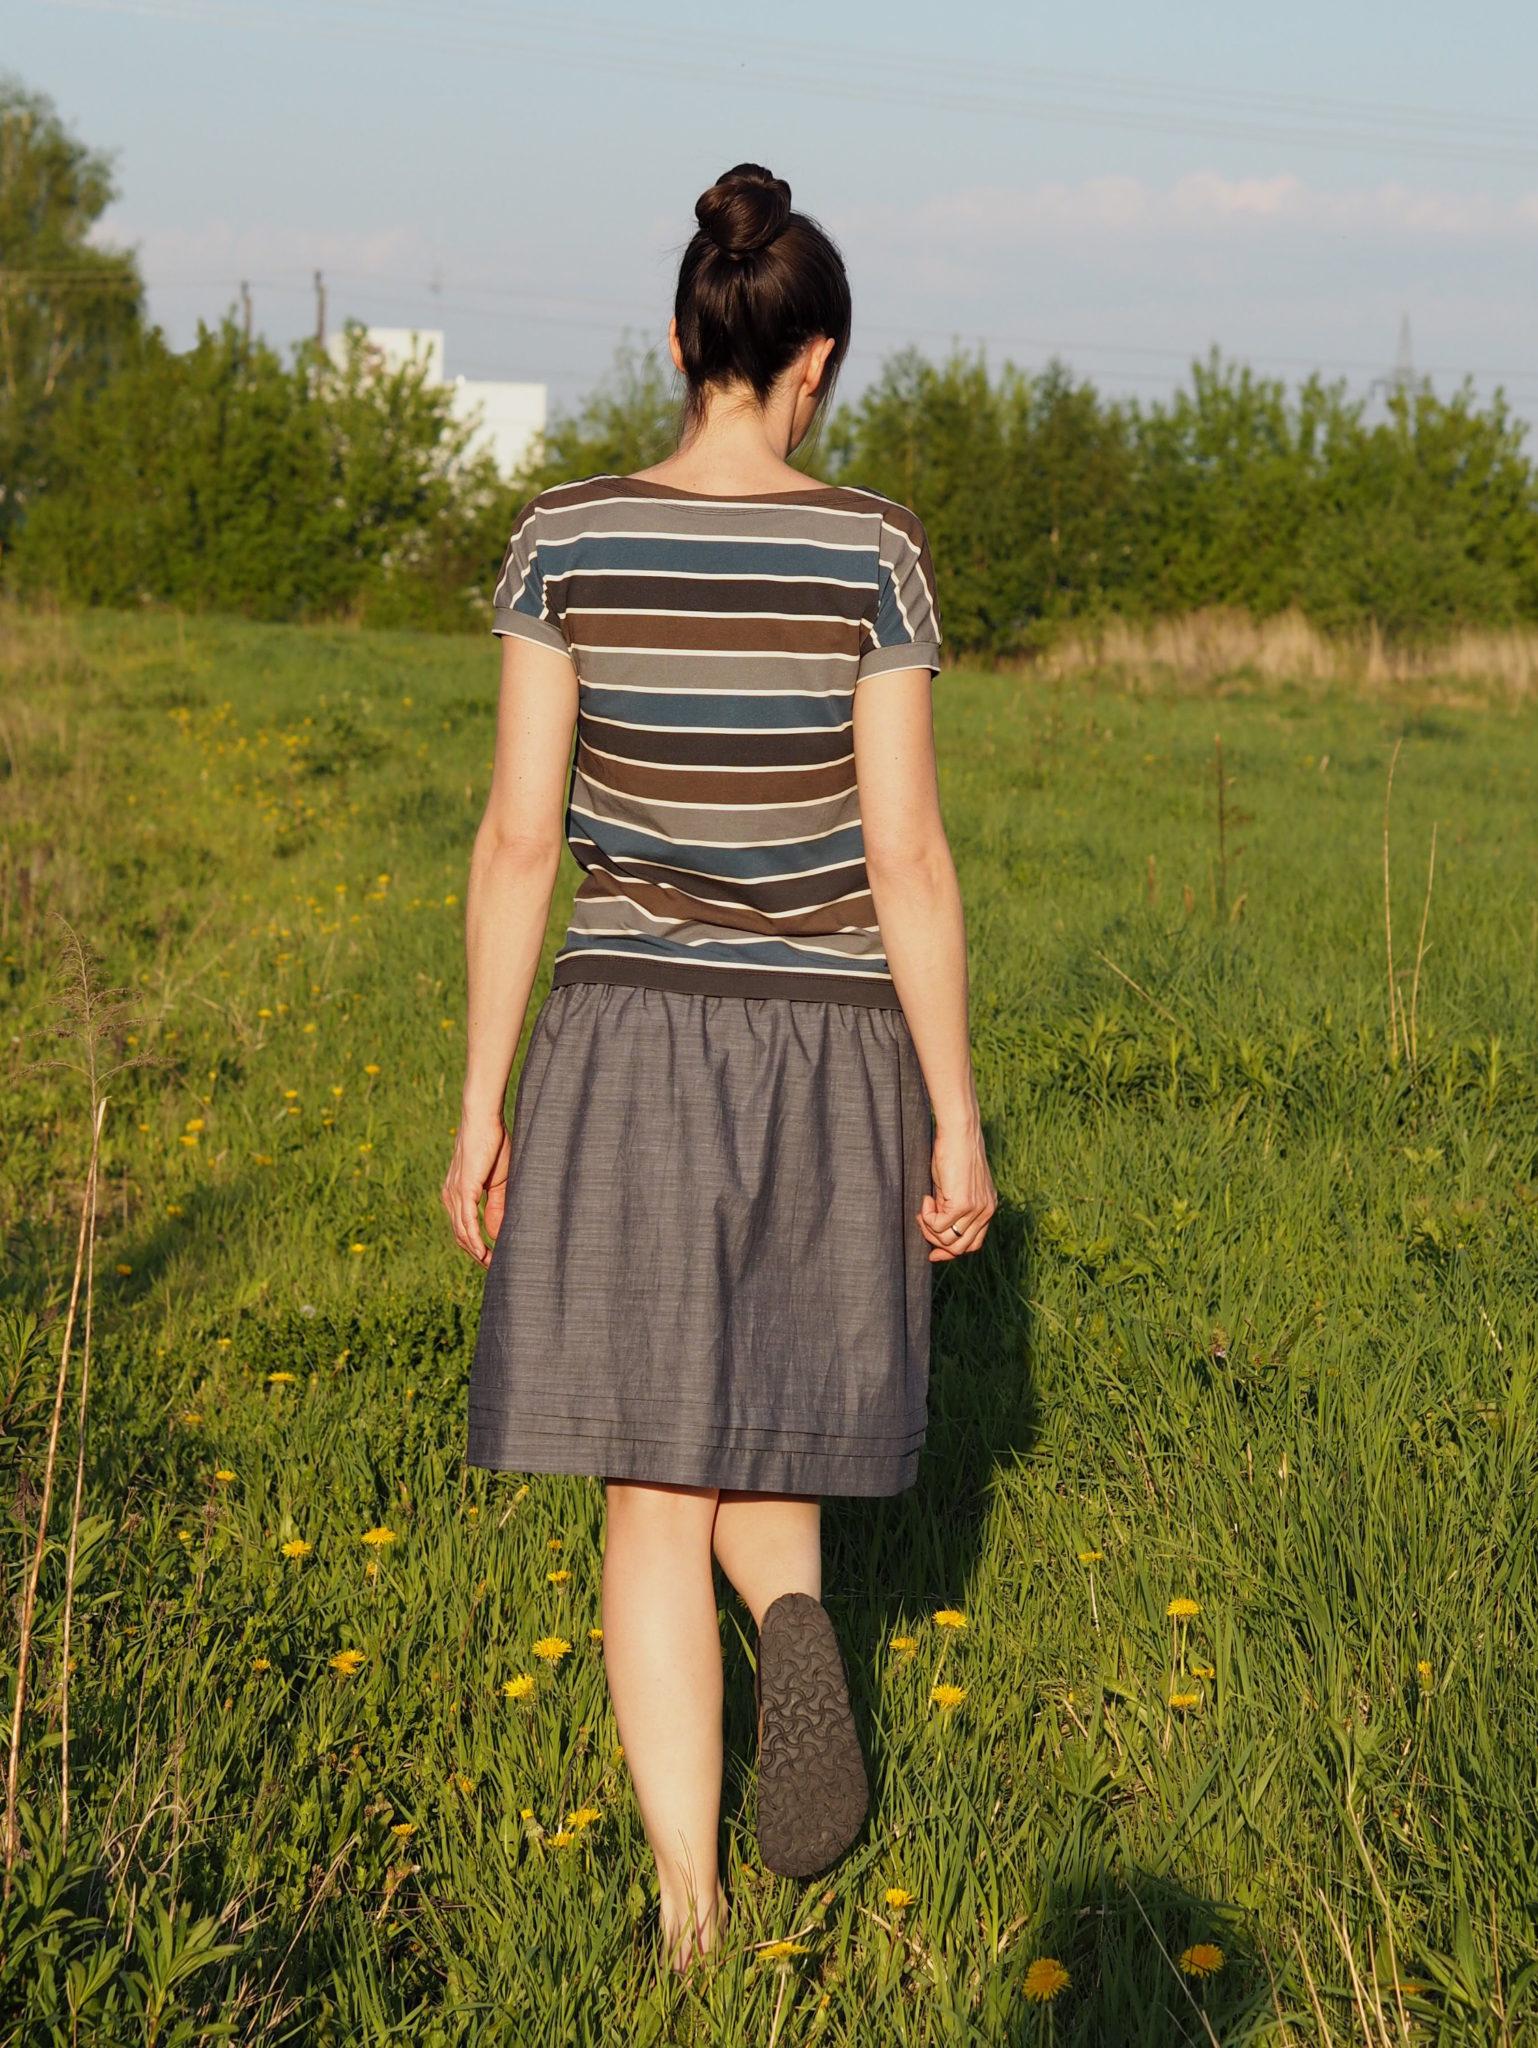 Schnittmuster Pariser Rock Paris Skirt nähen 5 – weisnähschen